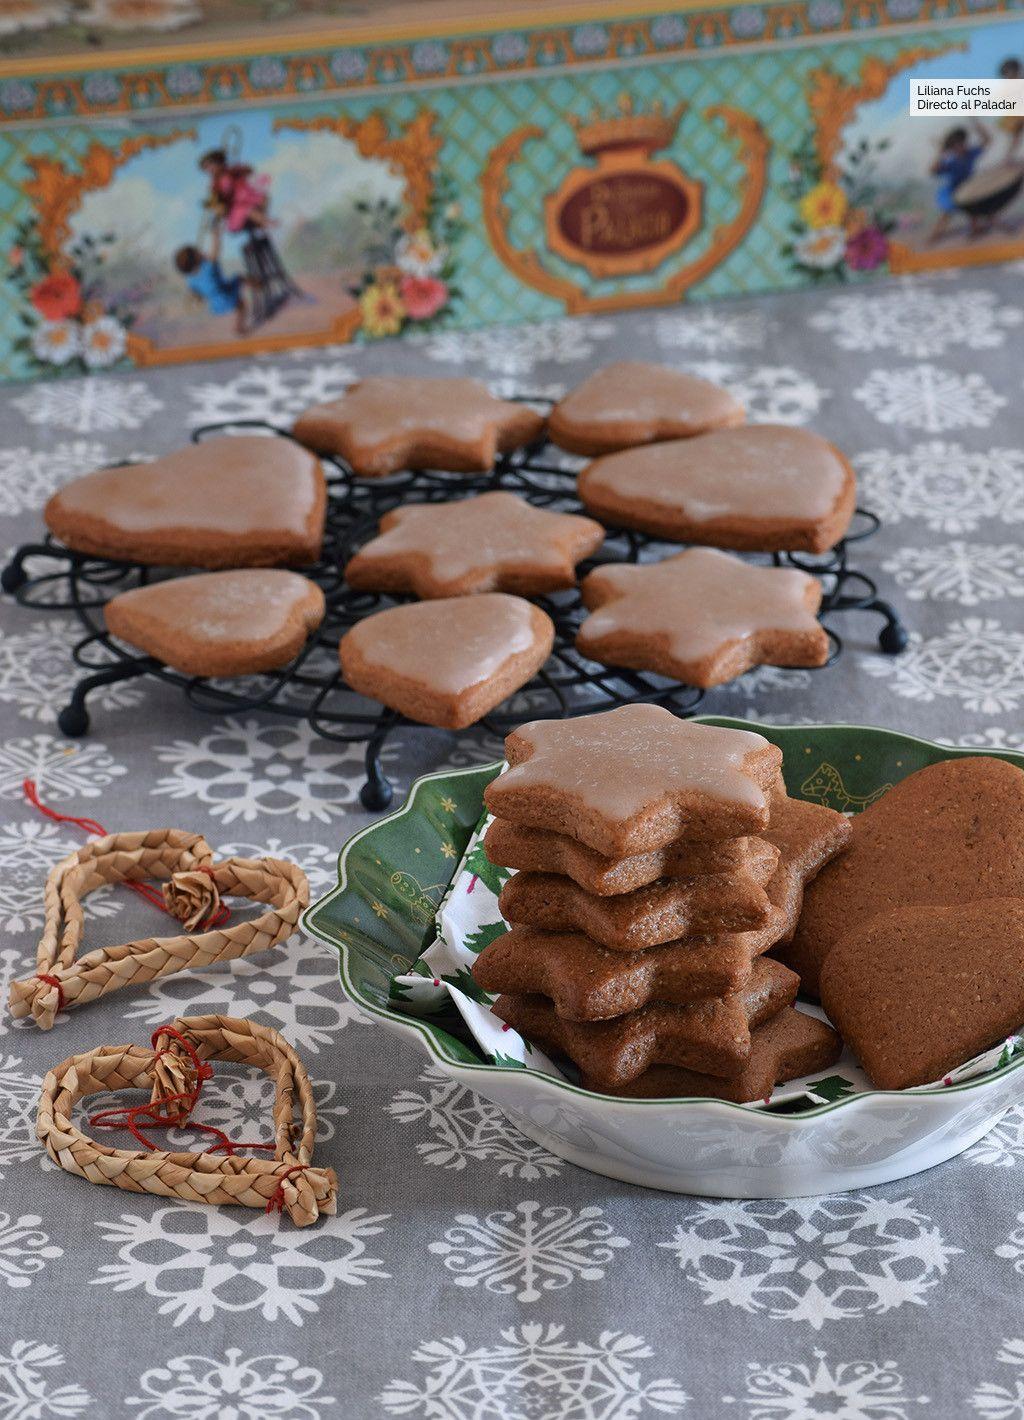 Galletas Cacao Galletas De Miel Galletas Recetas De Galletas De Navidad